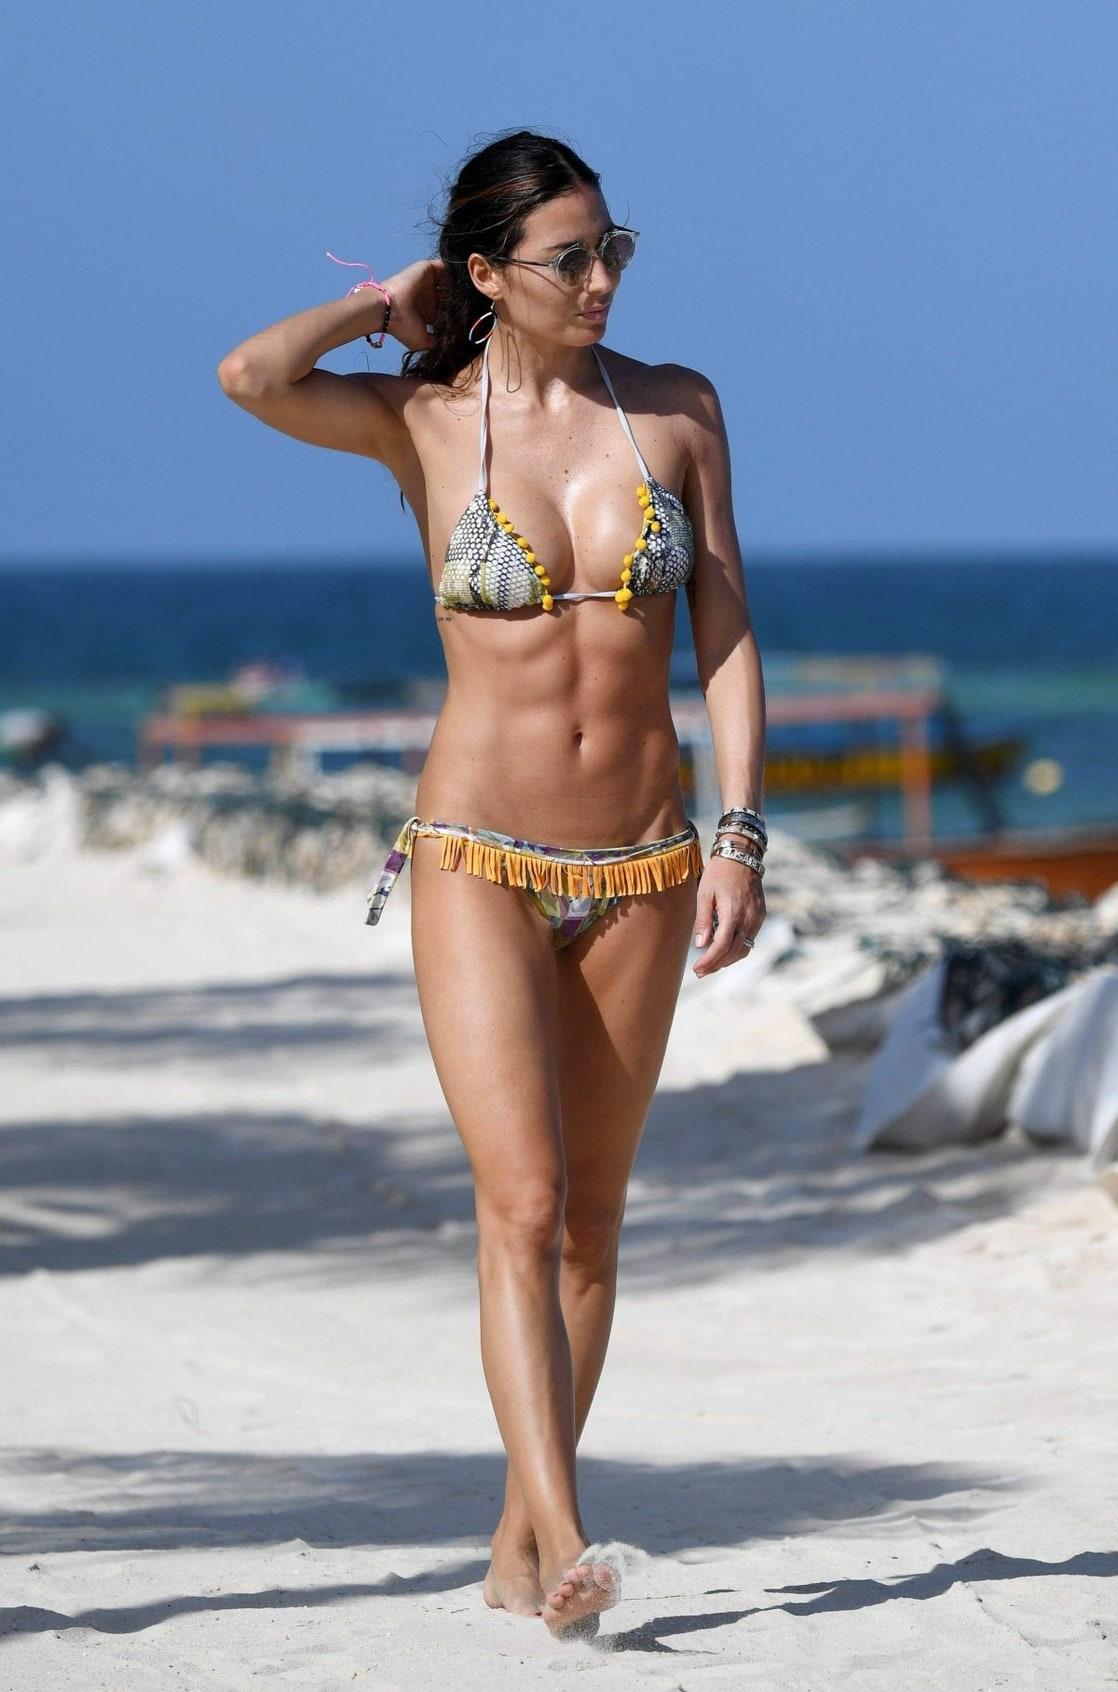 Elisabetta Gregoraci Nude Photos 2